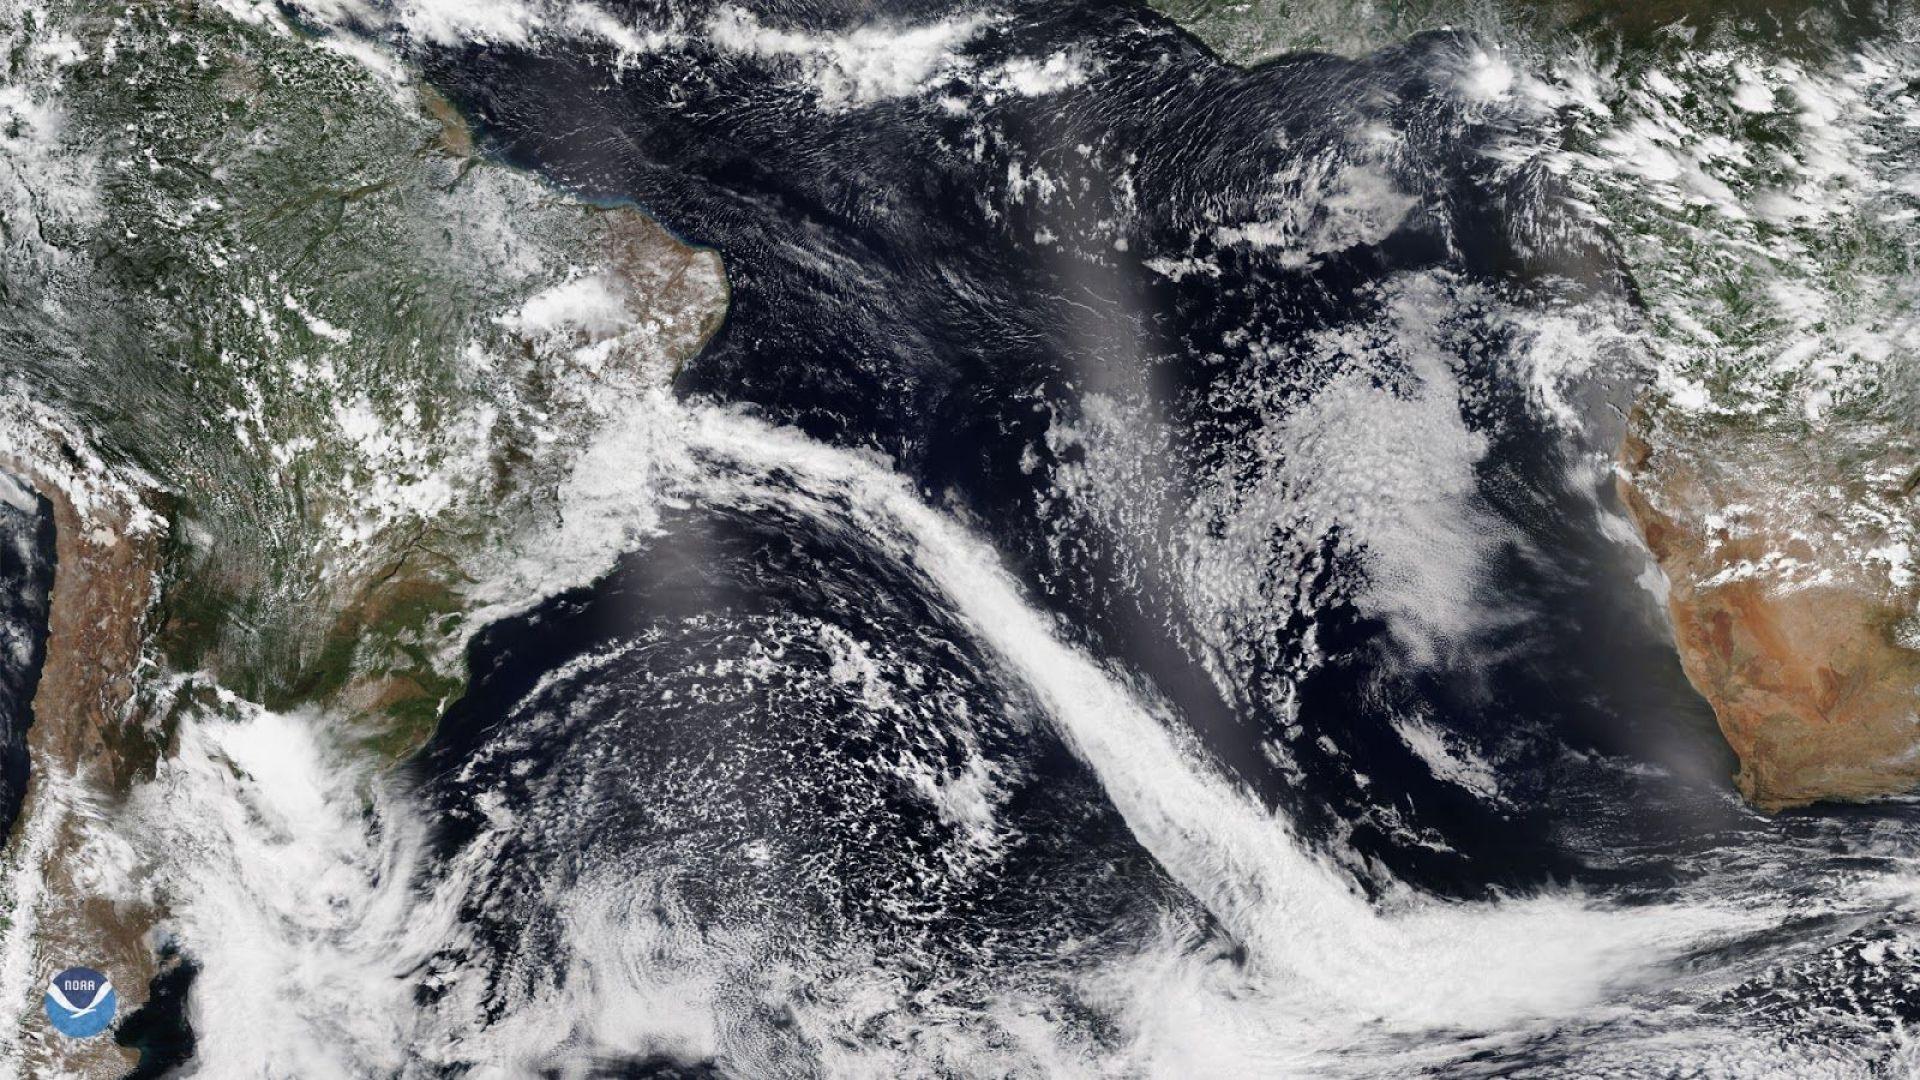 Бразилският Рио де Жанейро - атакуван от студен антарктически фронт